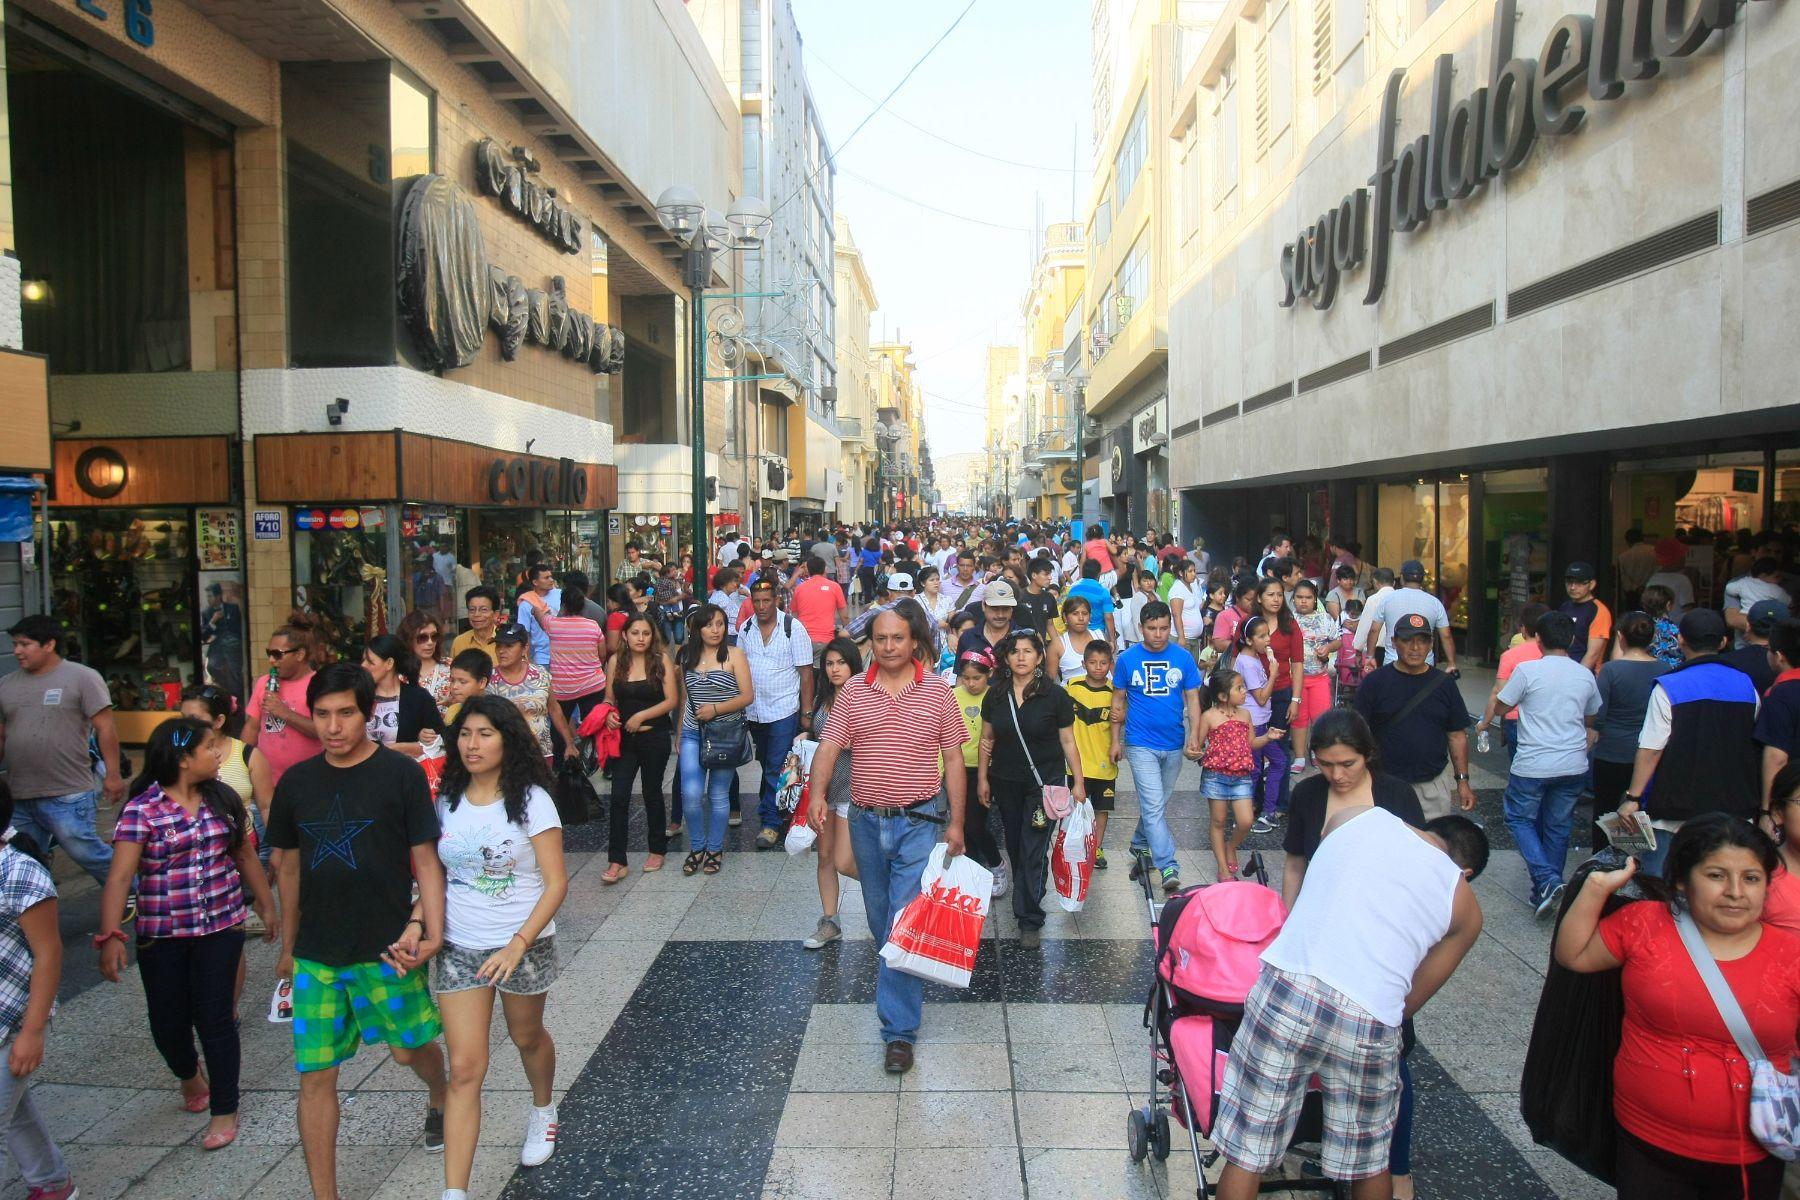 jiron de la union 2 - ¿Cuál es el costo del metro cuadrado en Lima?